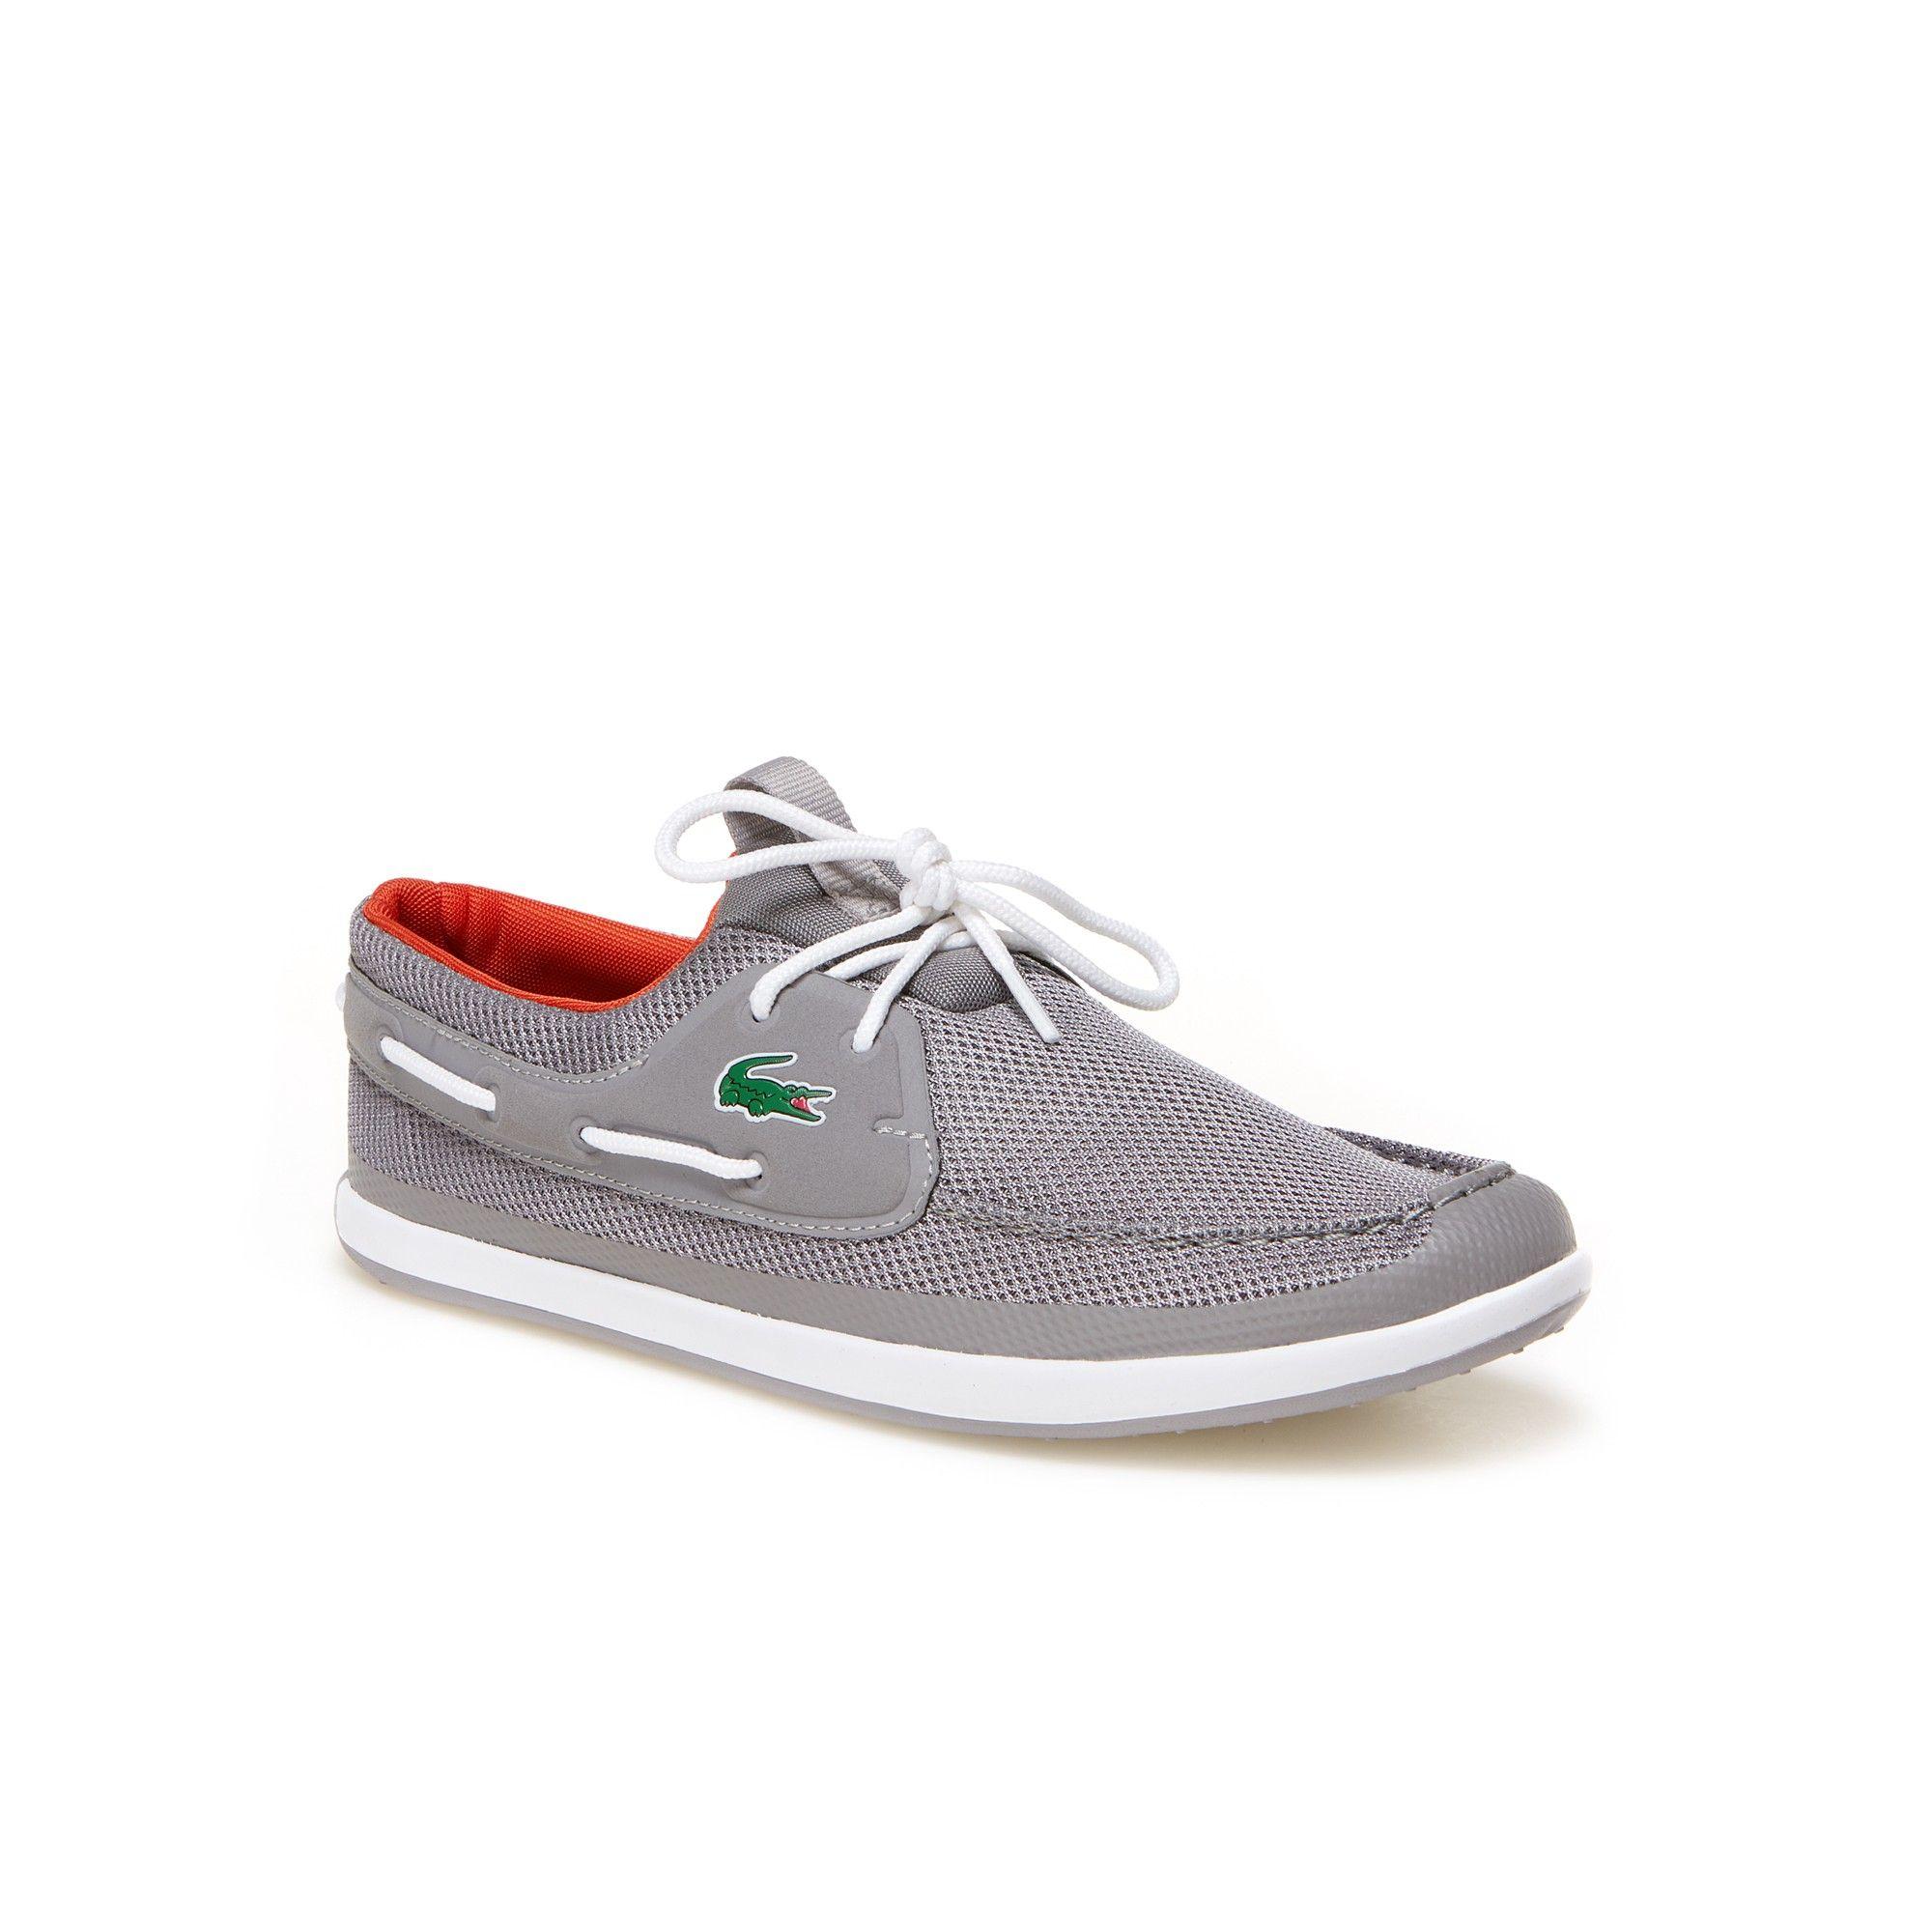 0c741685f48e LACOSTE Men s Landsailing Textile Boat Shoes - grey red.  lacoste  shoes